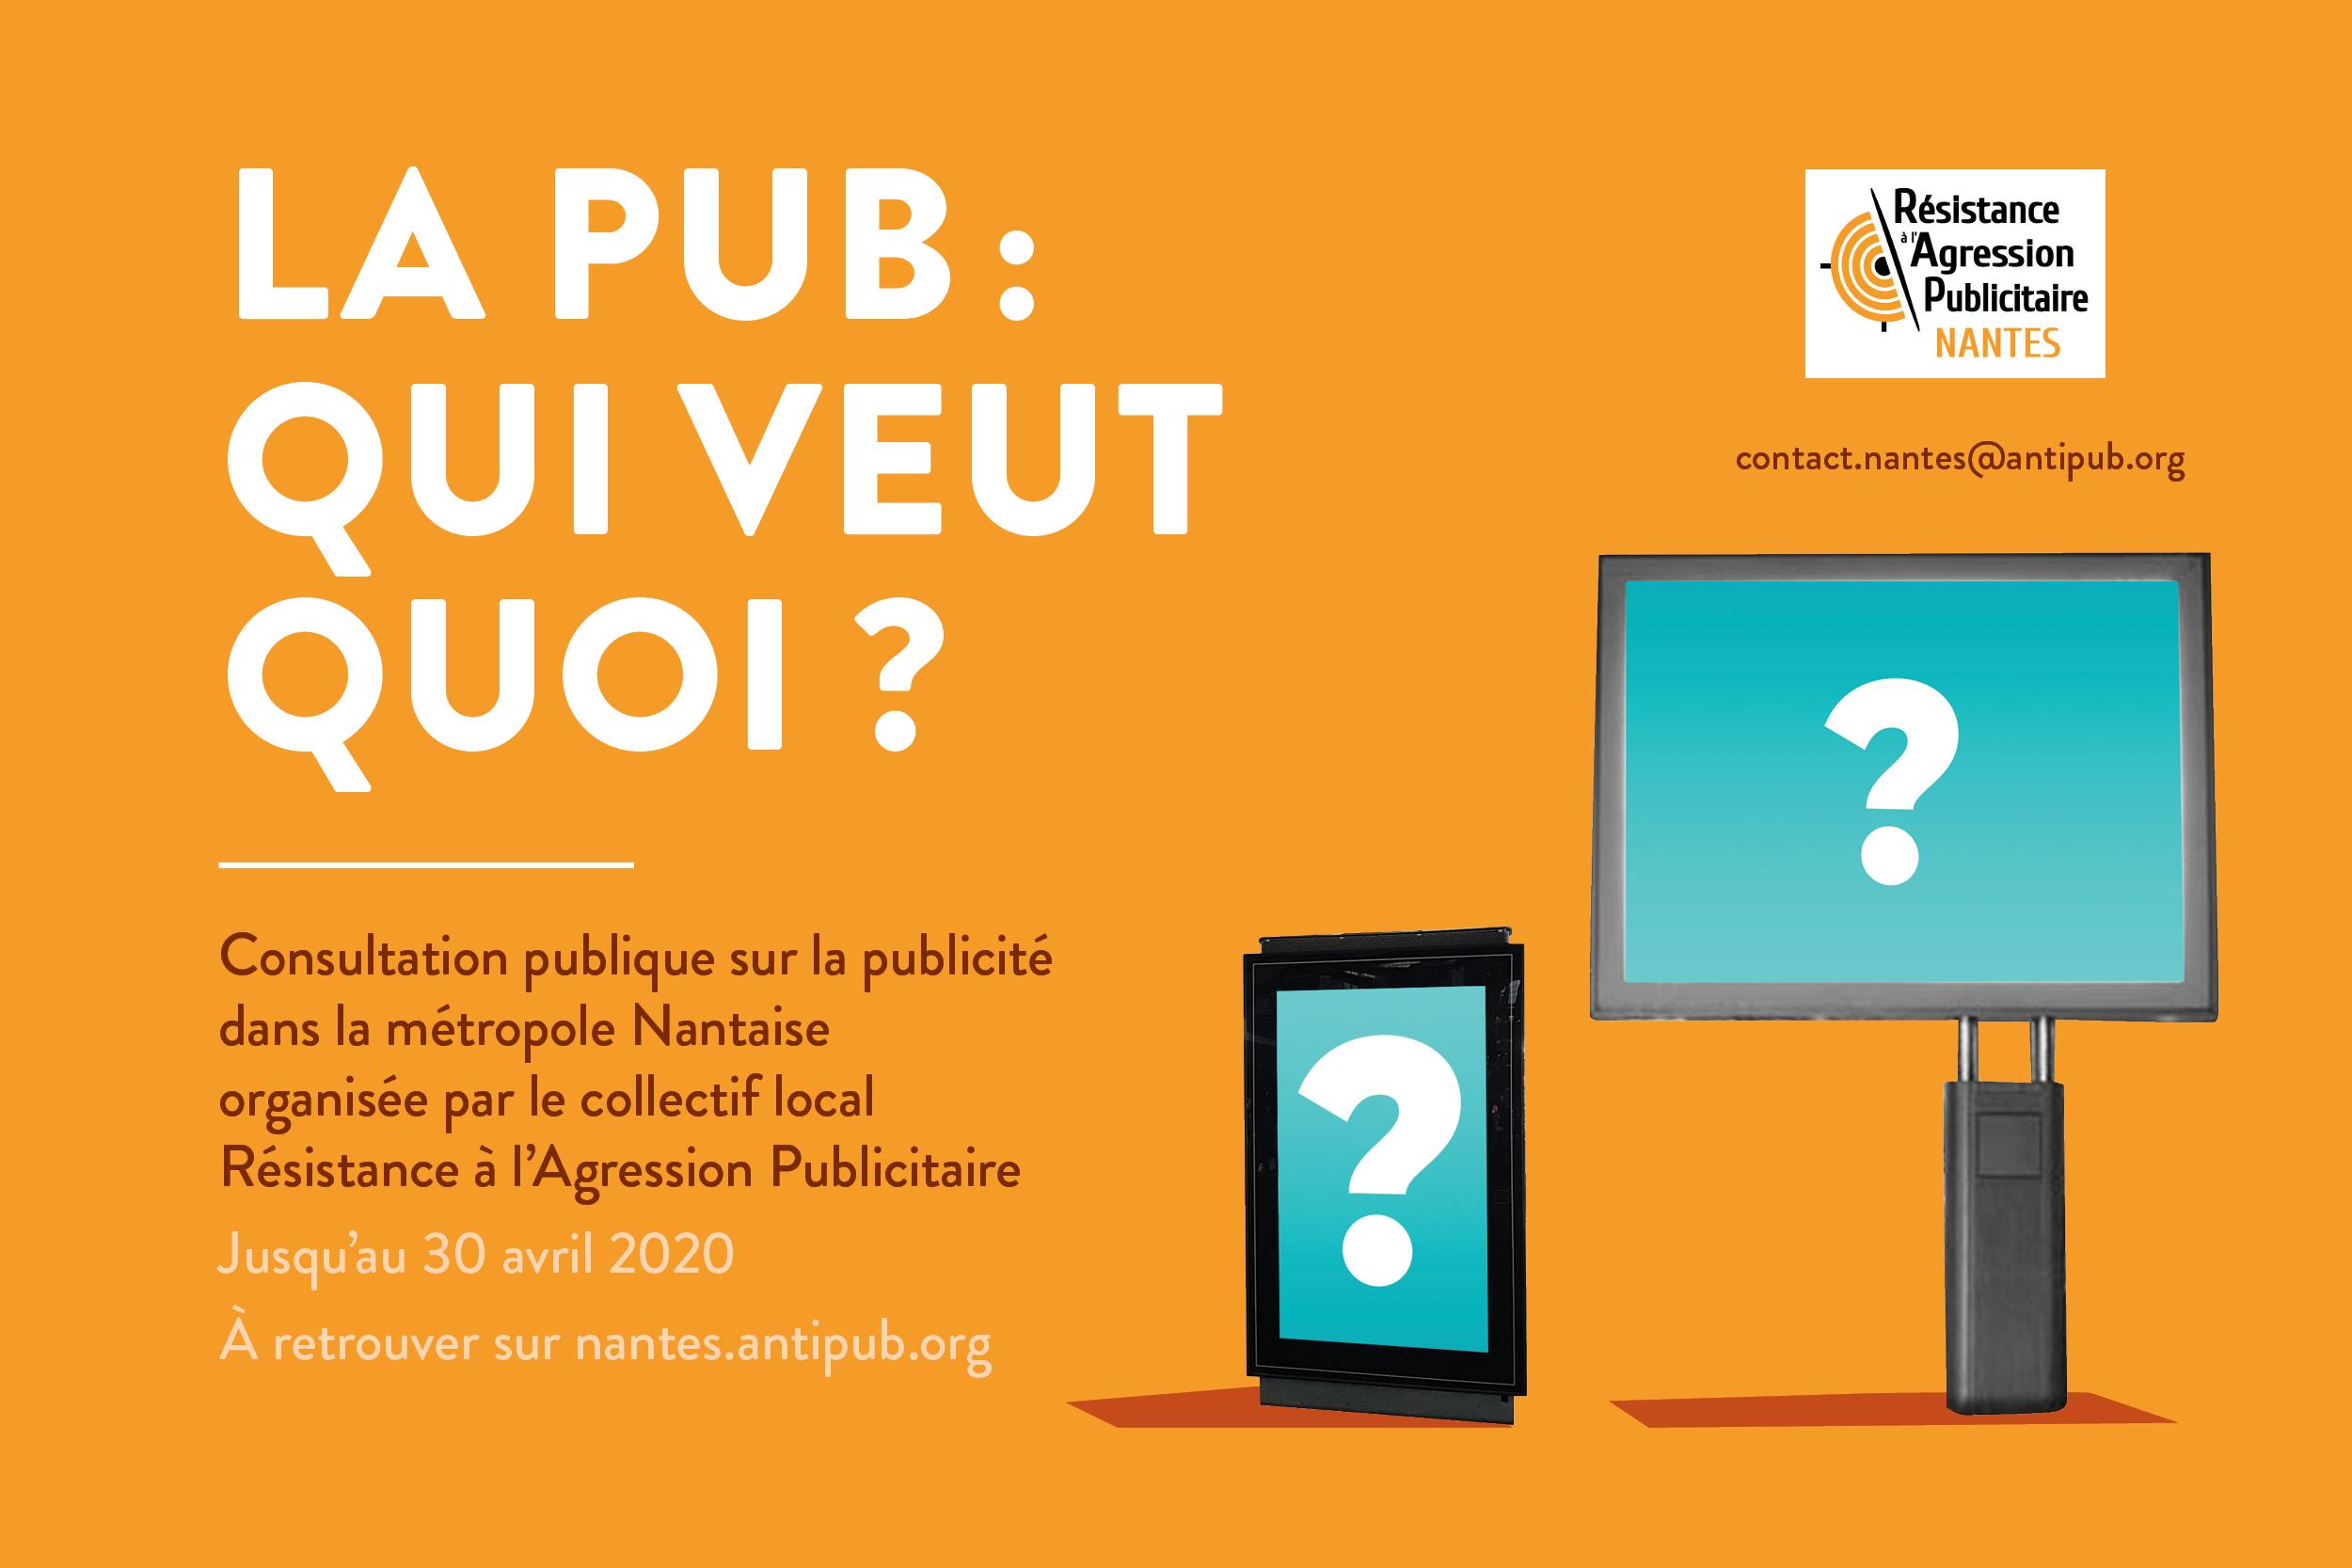 Consultation publique : ressenti sur la place de la publicité dans la métropole nantaise